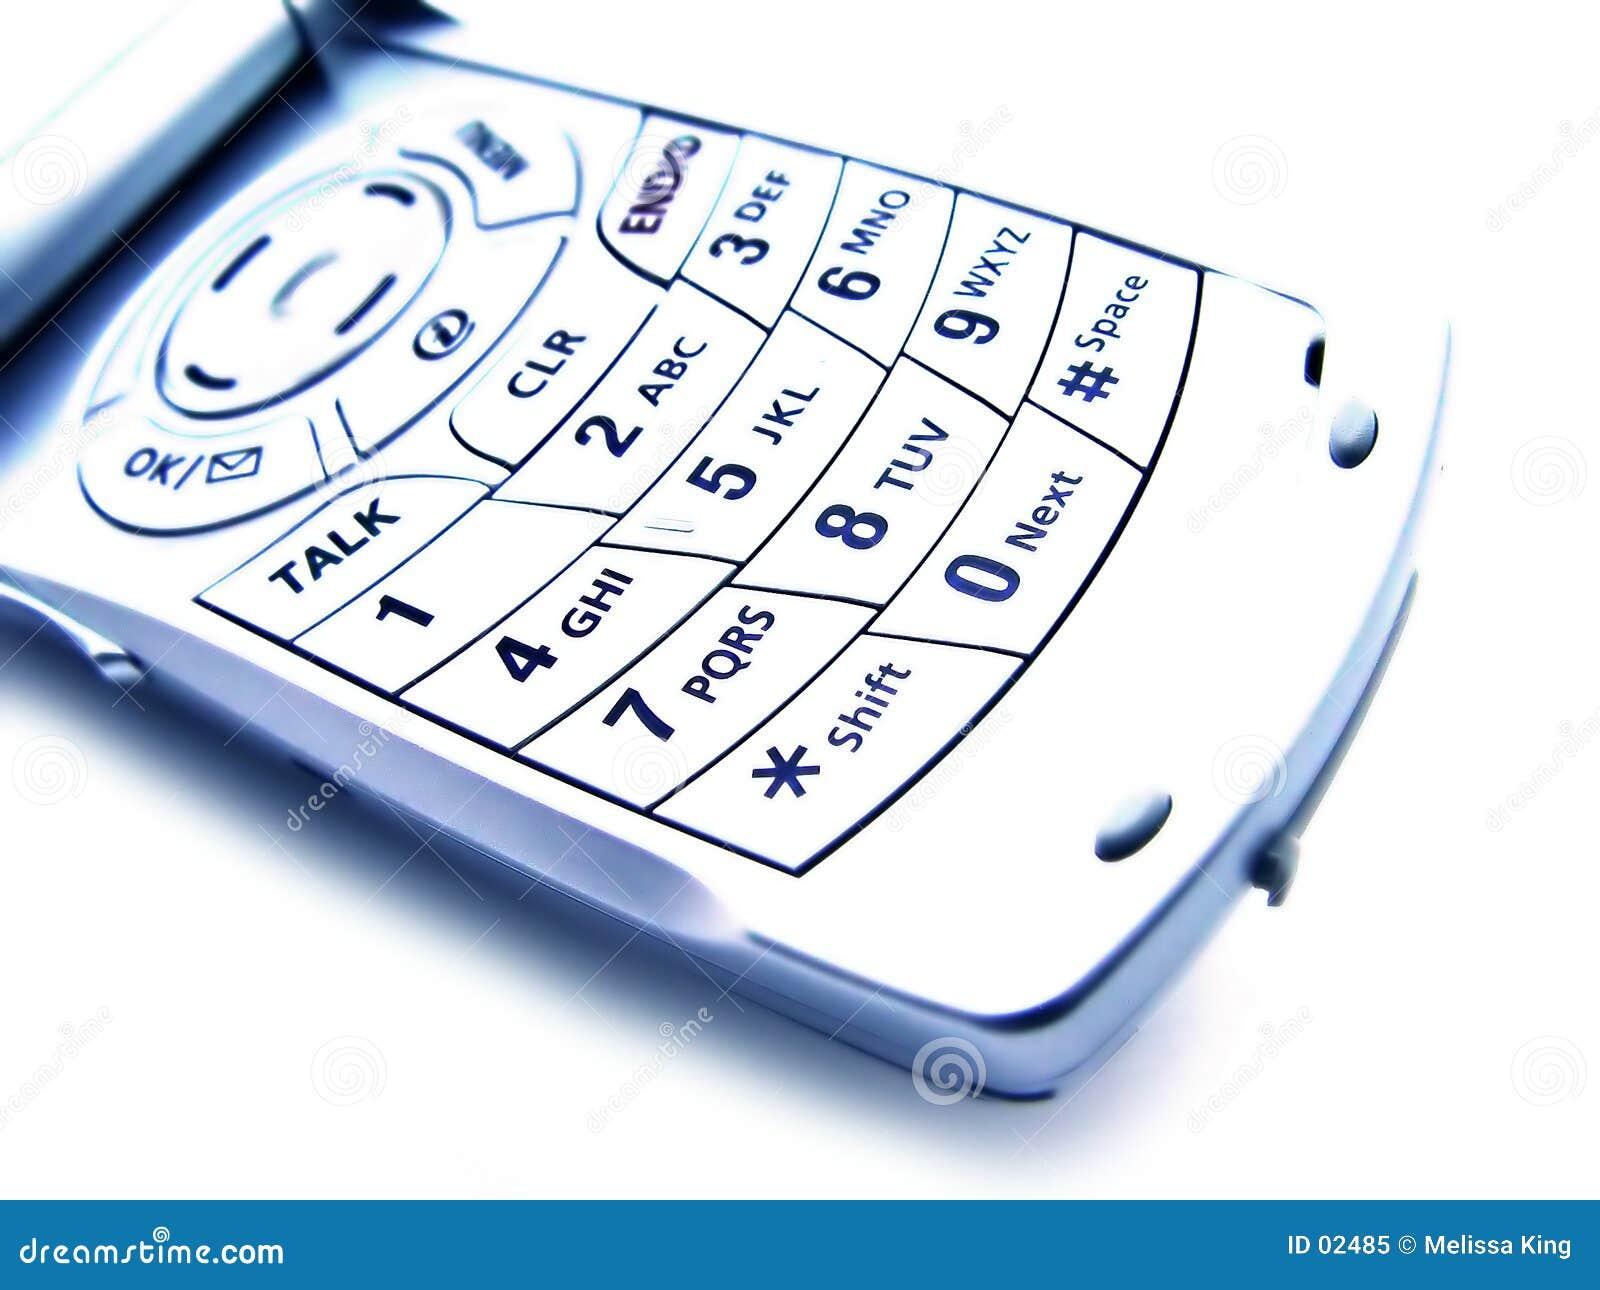 Jedyny telefon komórkowy abstrakcyjne